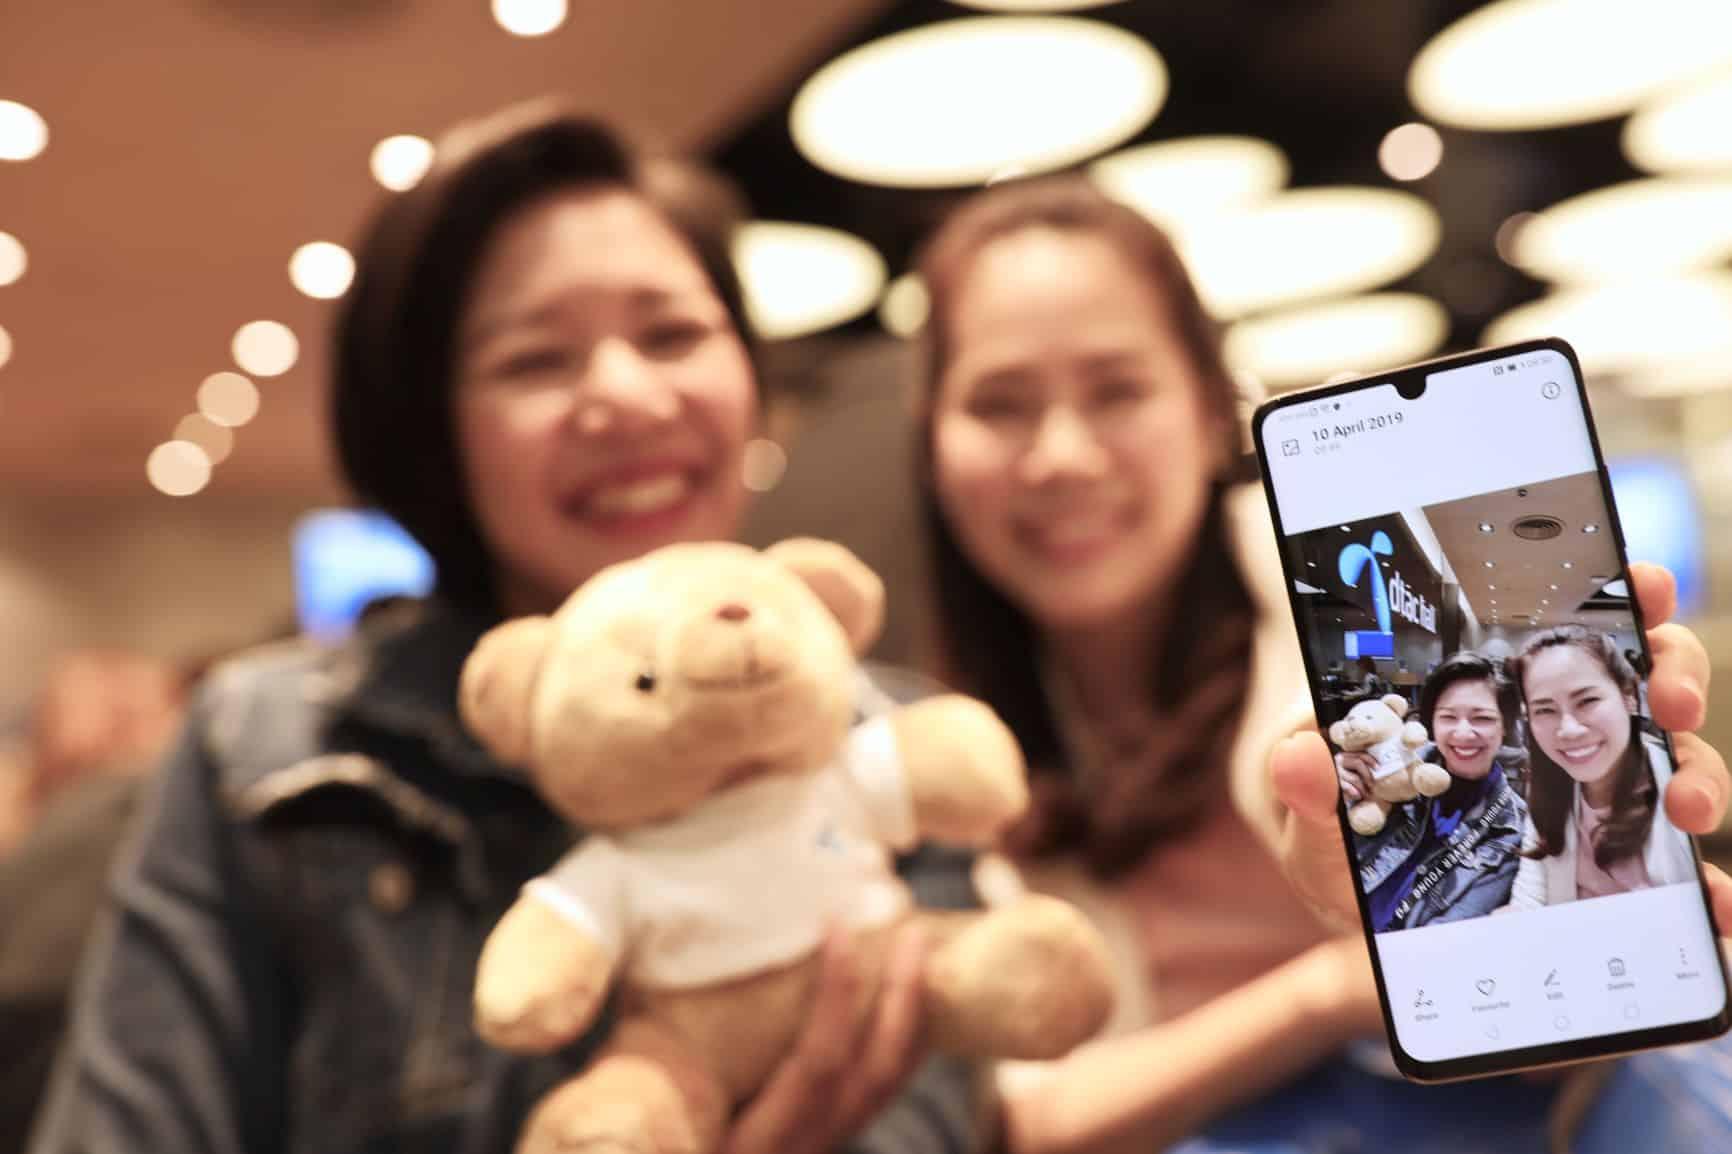 ดีแทคกระตุ้นตลาด 4G ดีแทค เทอร์โบ เปิดประสบการณ์สุดยอดสมาร์ทโฟน Huawei P30 Series ตอกย้ำกระแสความแรงของสมาร์ทโฟนถ่ายรูปสวยอัจริยะระดับแฟลกชิปที่มาพร้อมกับกล้อง Leica 4 ตัว